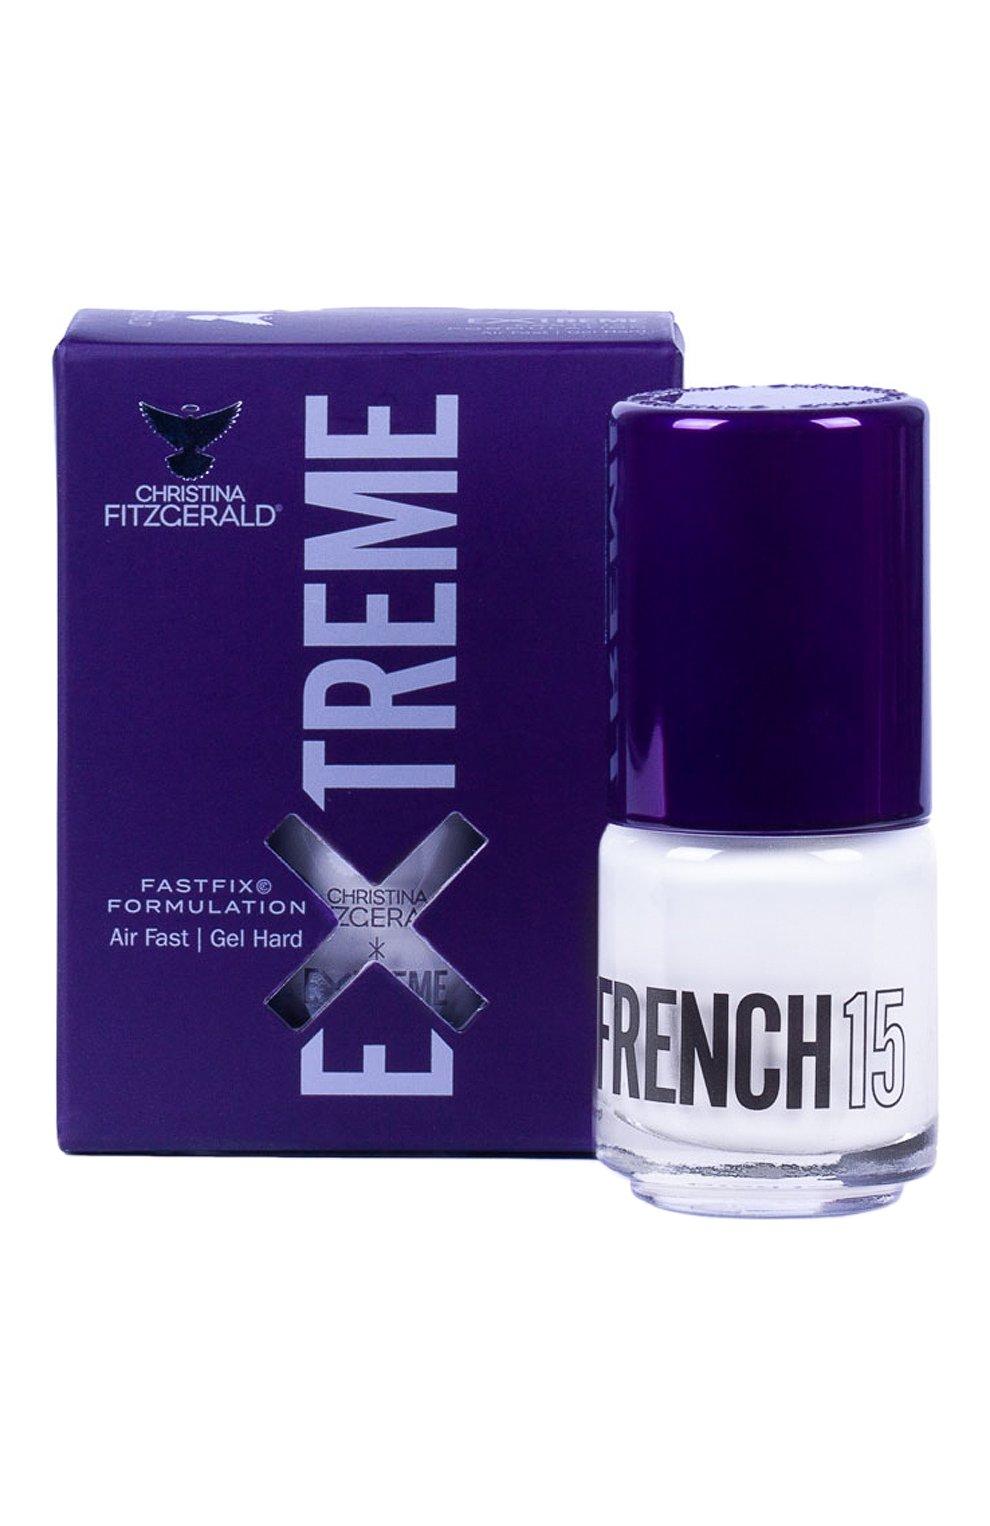 Женский лак для ногтей extreme, оттенок french 15 CHRISTINA FITZGERALD бесцветного цвета, арт. 9333381005045 | Фото 1